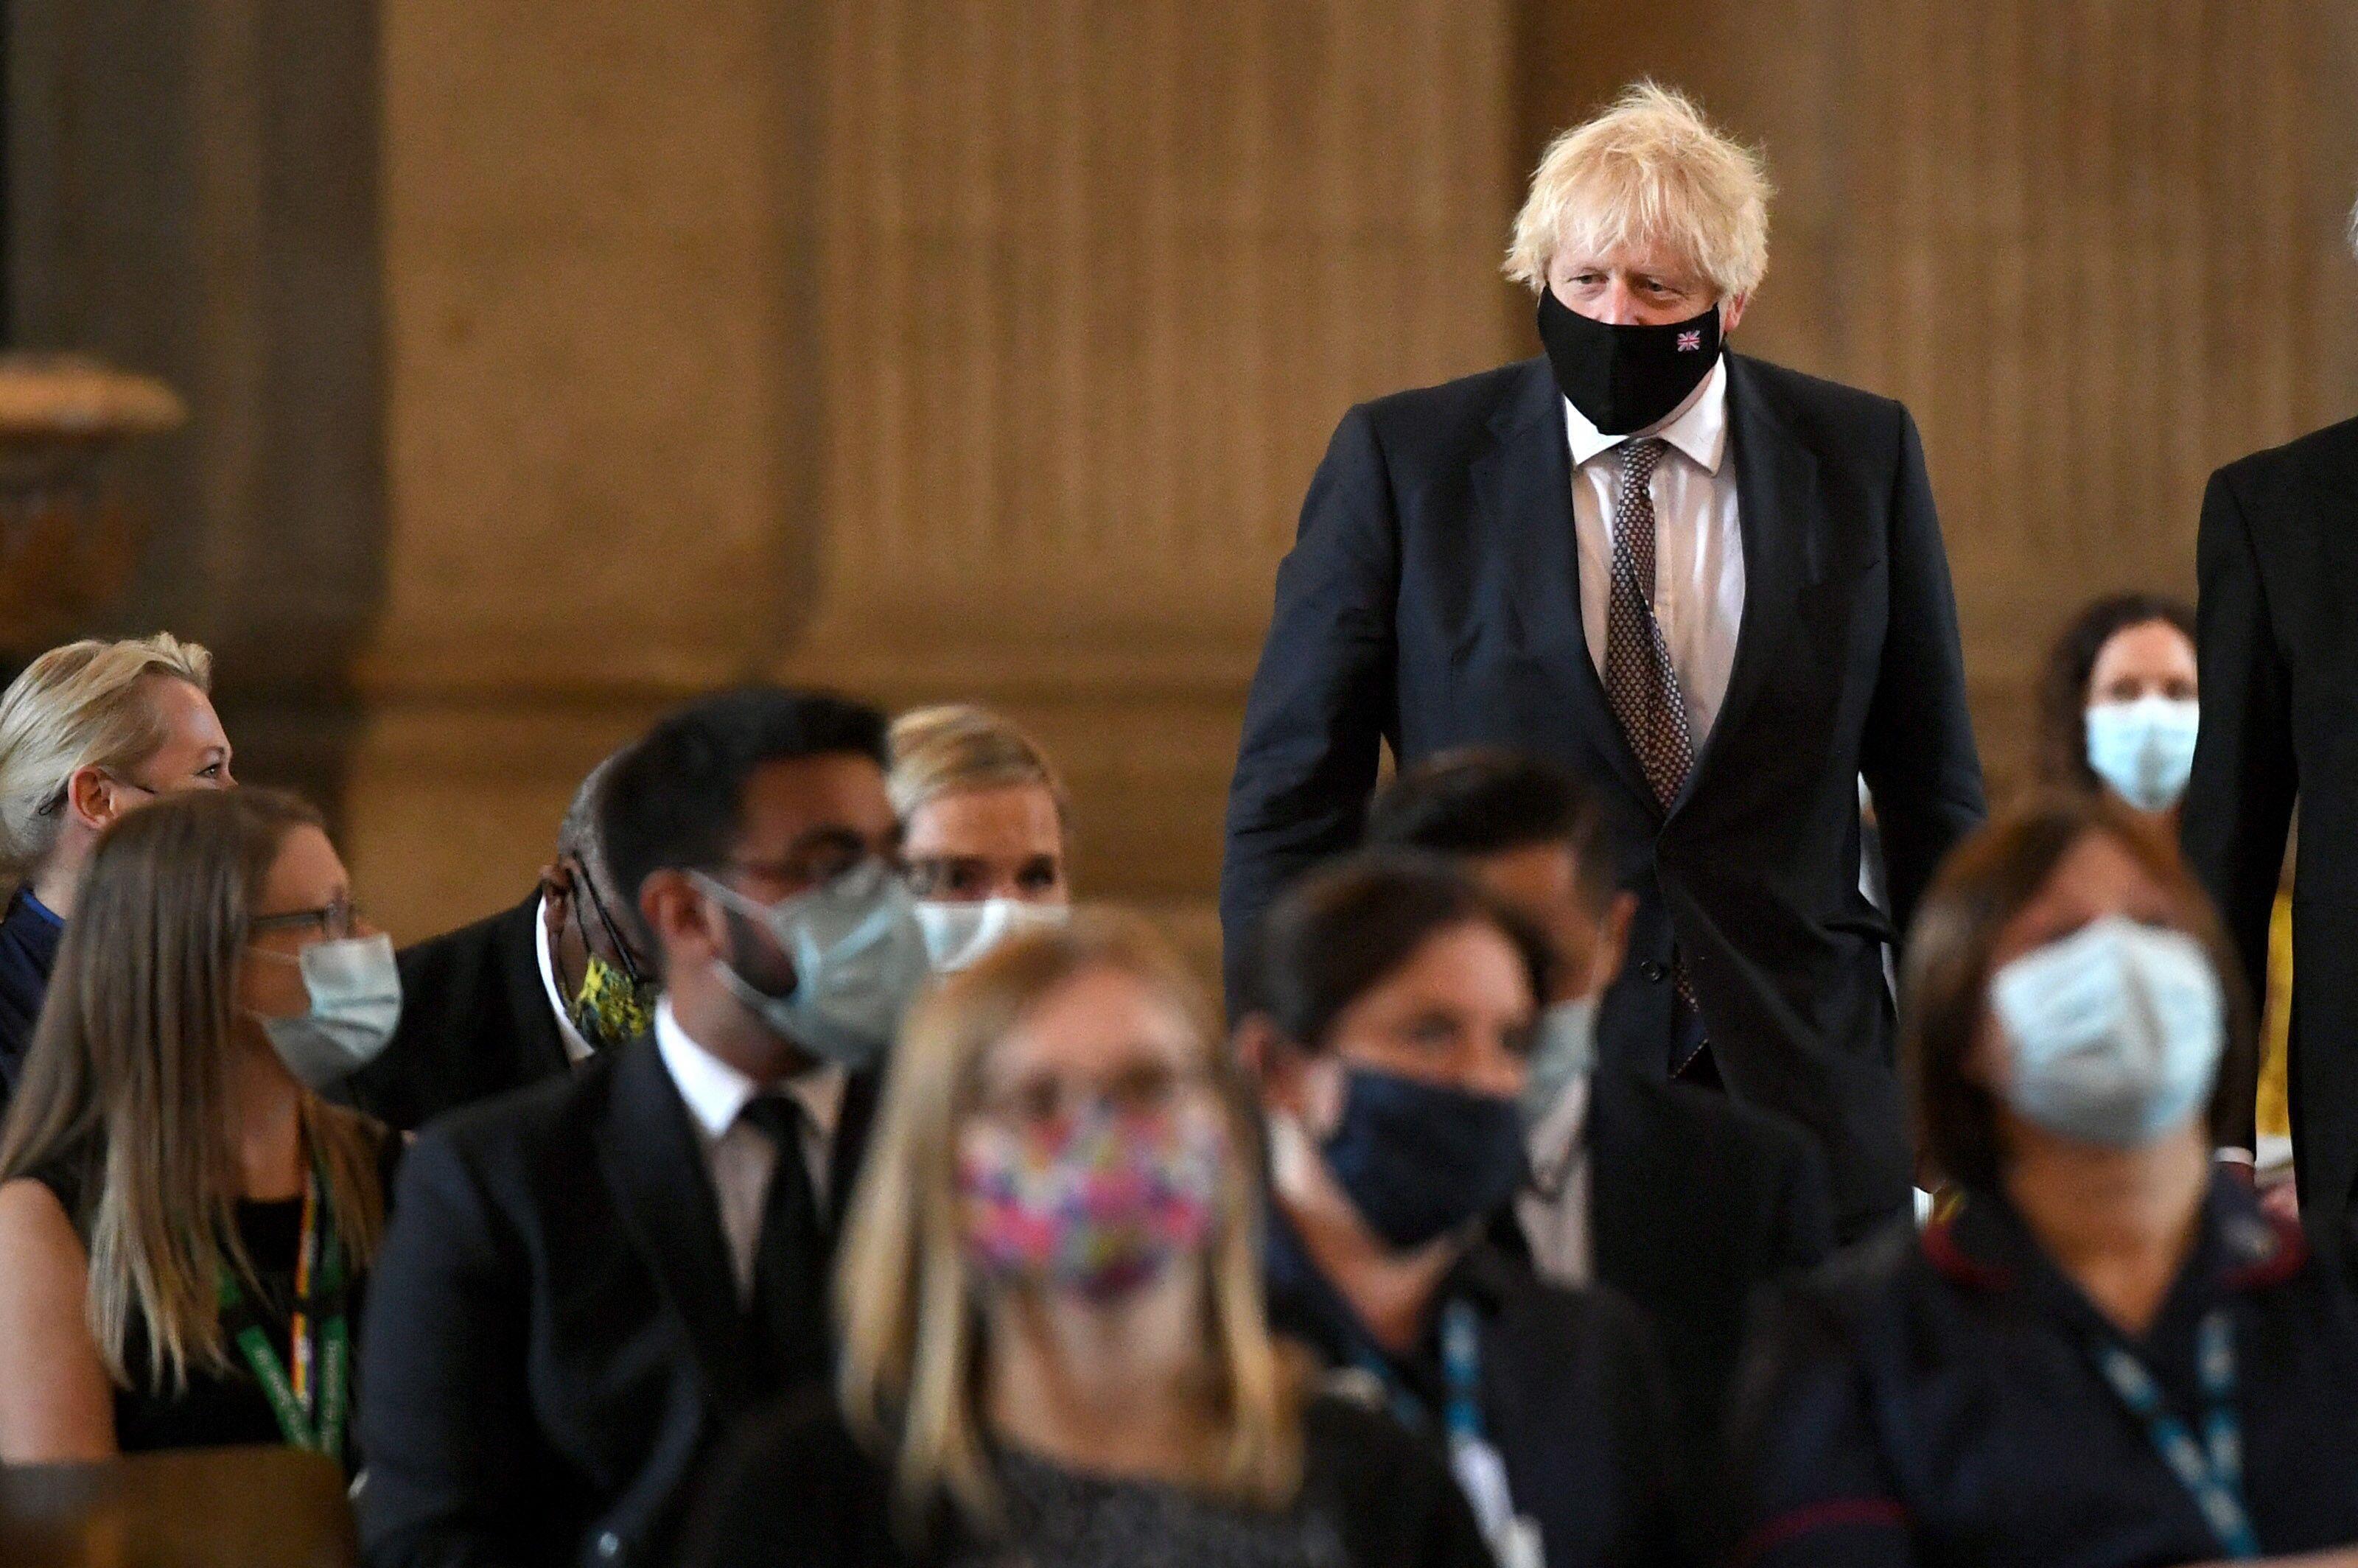 بوريس جونسون يعرض خططه لرفع آخر القيود الصحية في بريطانيا